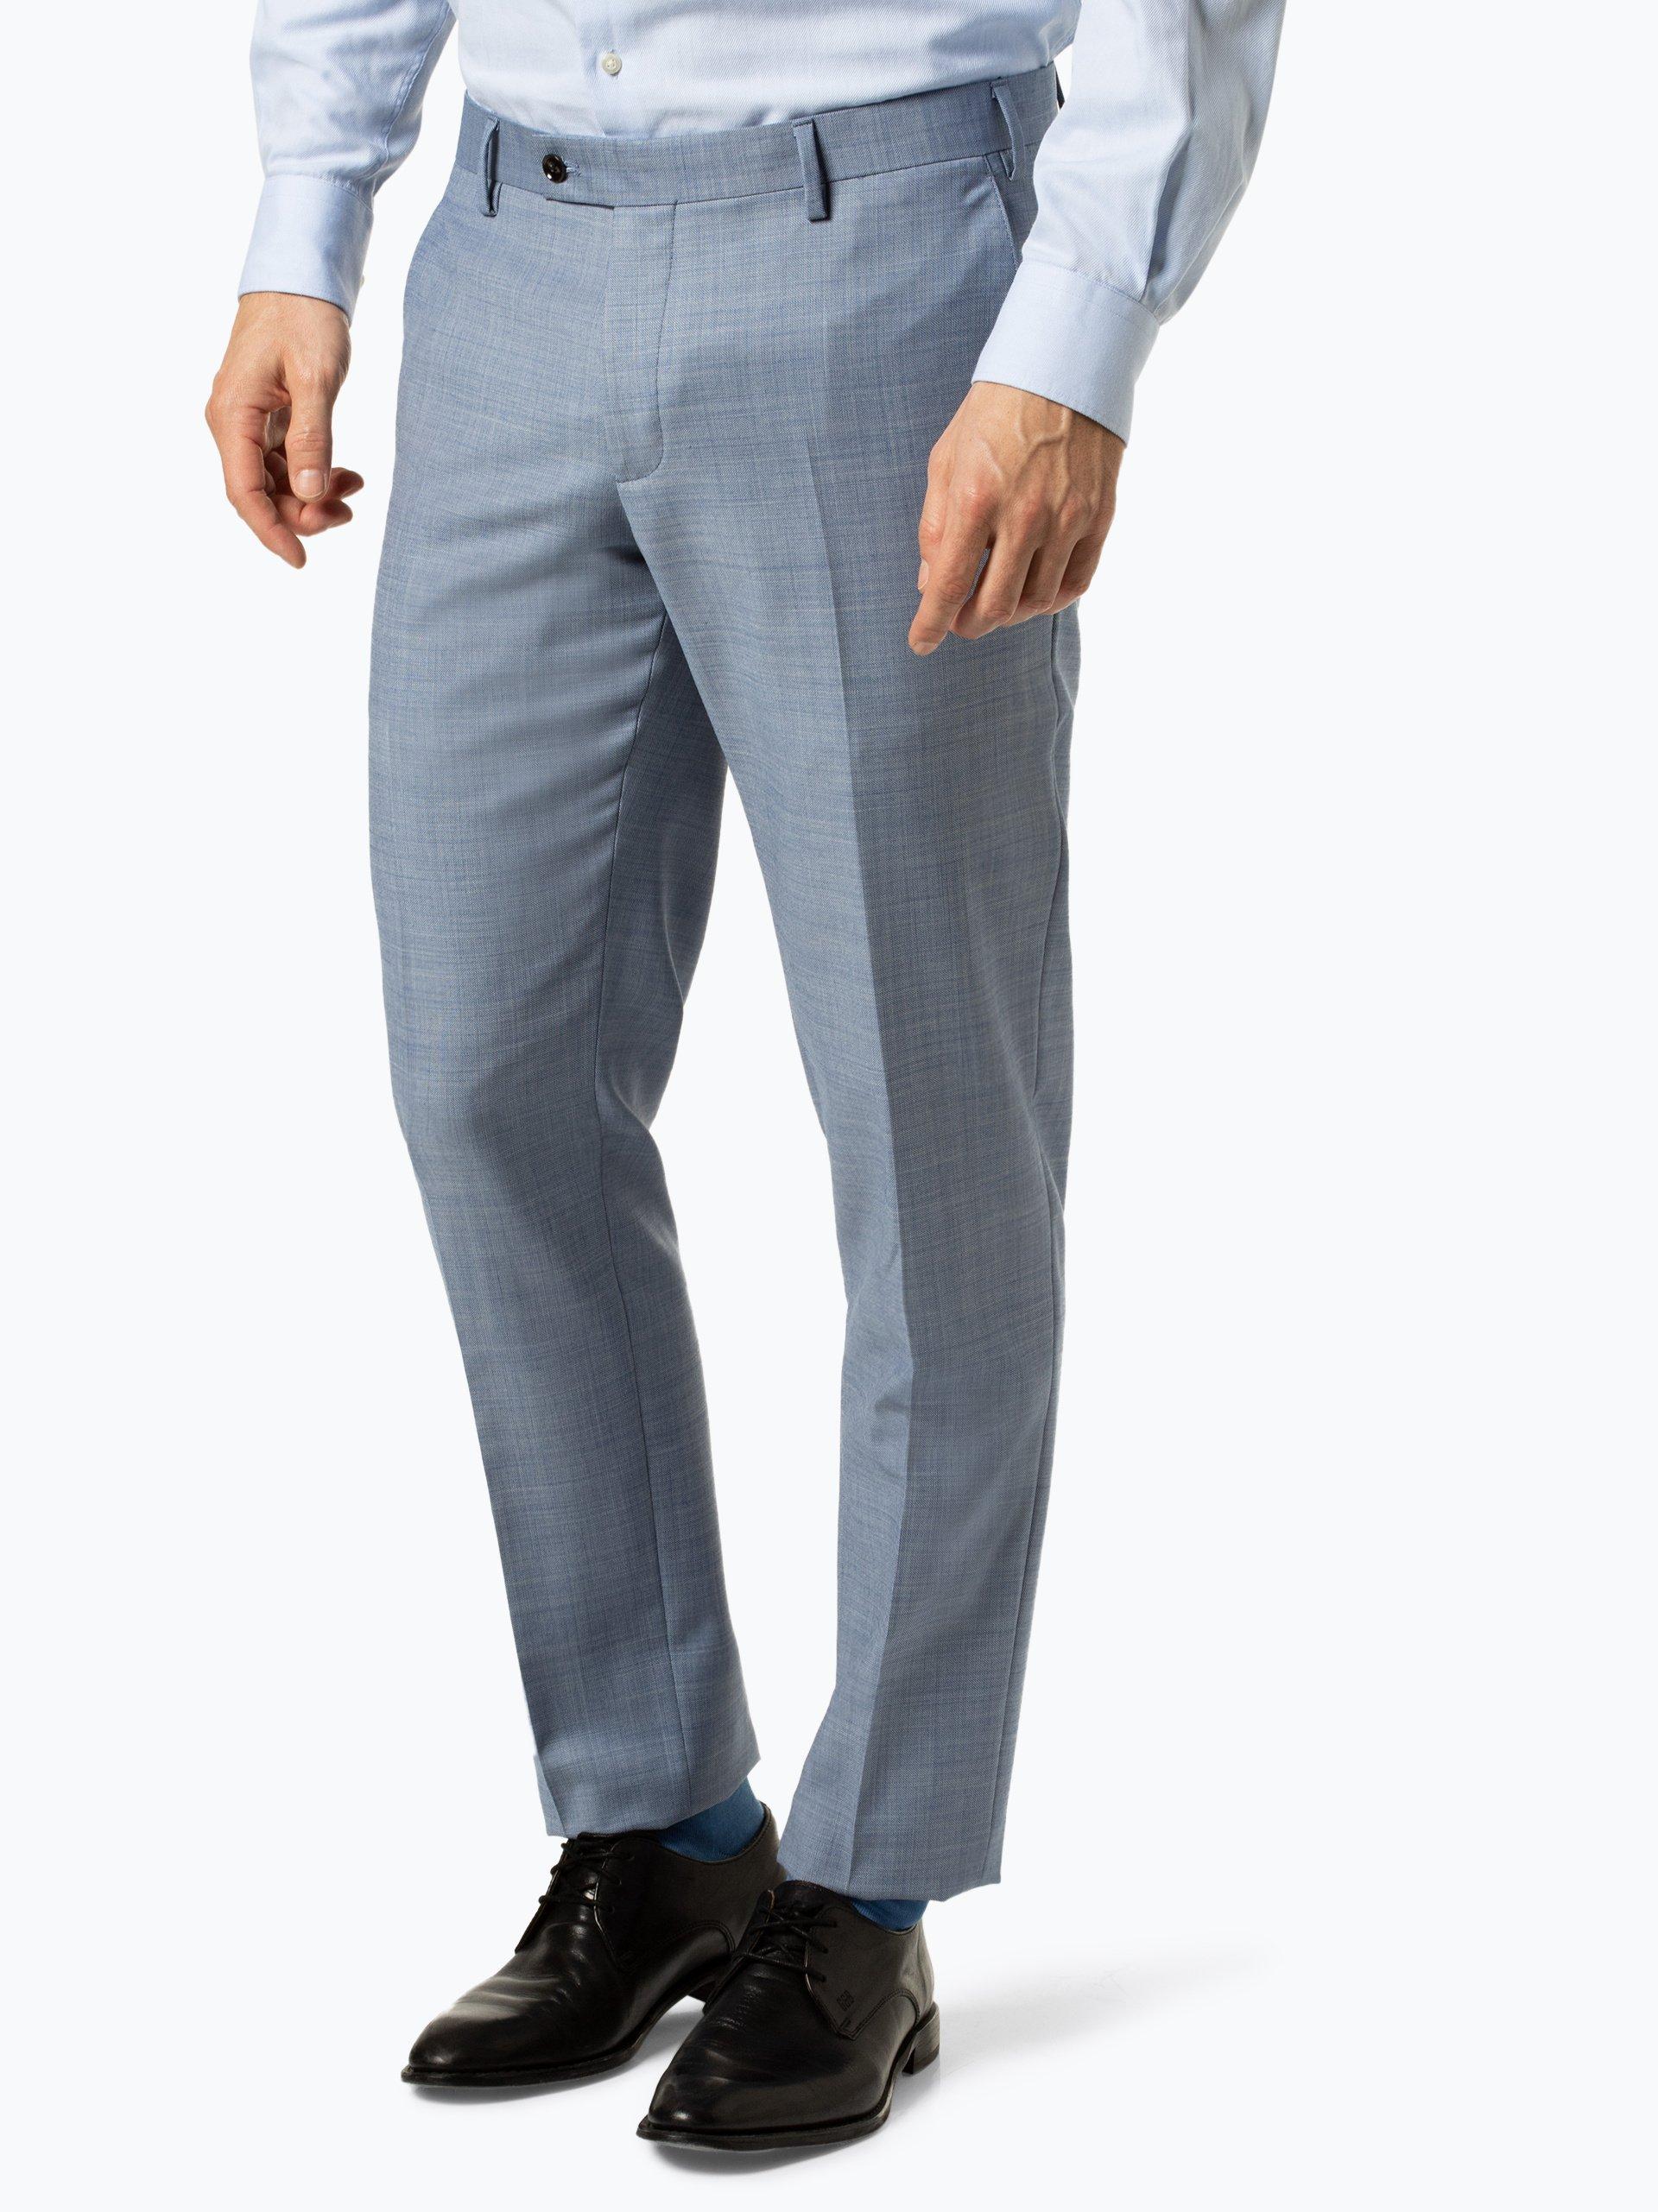 Finshley & Harding Męskie spodnie od garnituru modułowego – Black Label - Mitch